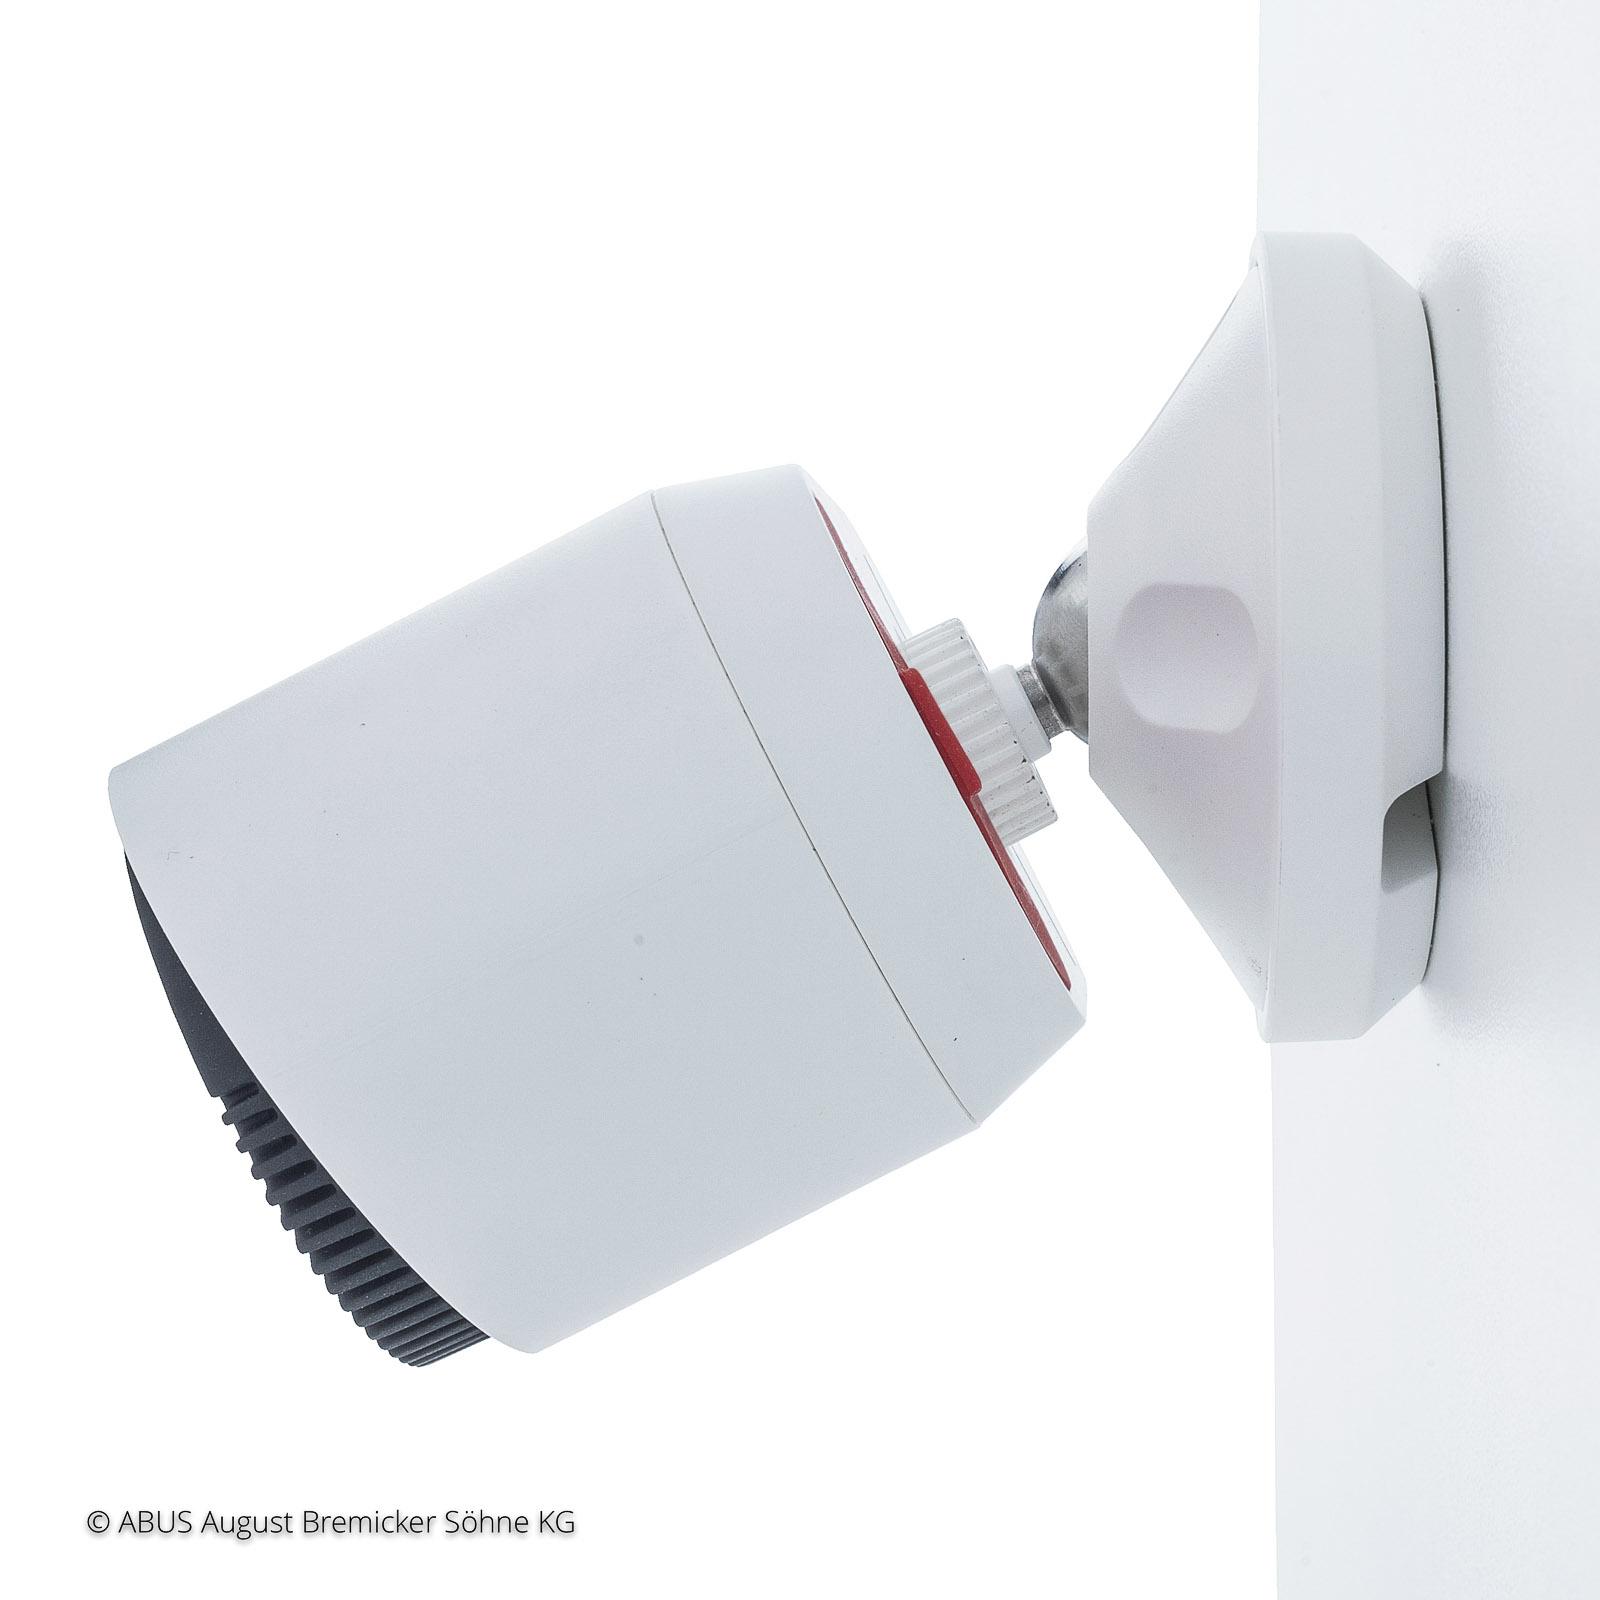 ABUS WLAN Basisstation für Akku-Überwachungskamera